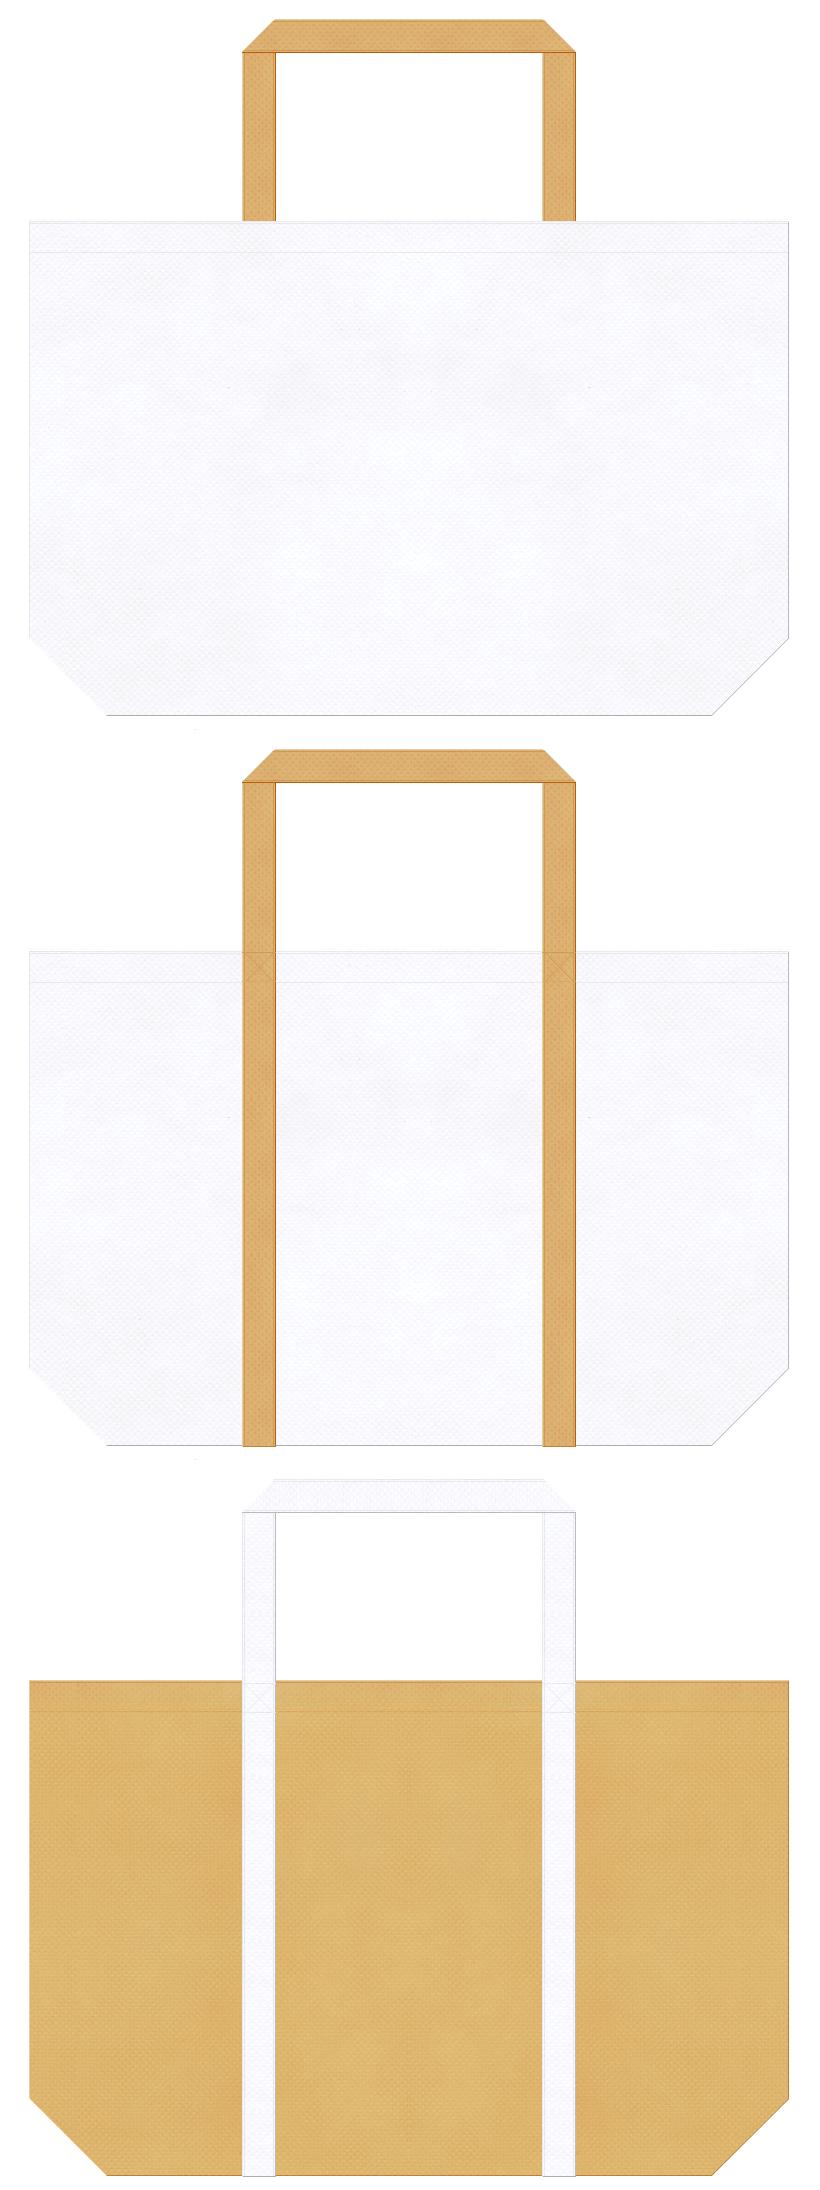 白色と薄黄土色の不織布ショッピングバッグデザイン